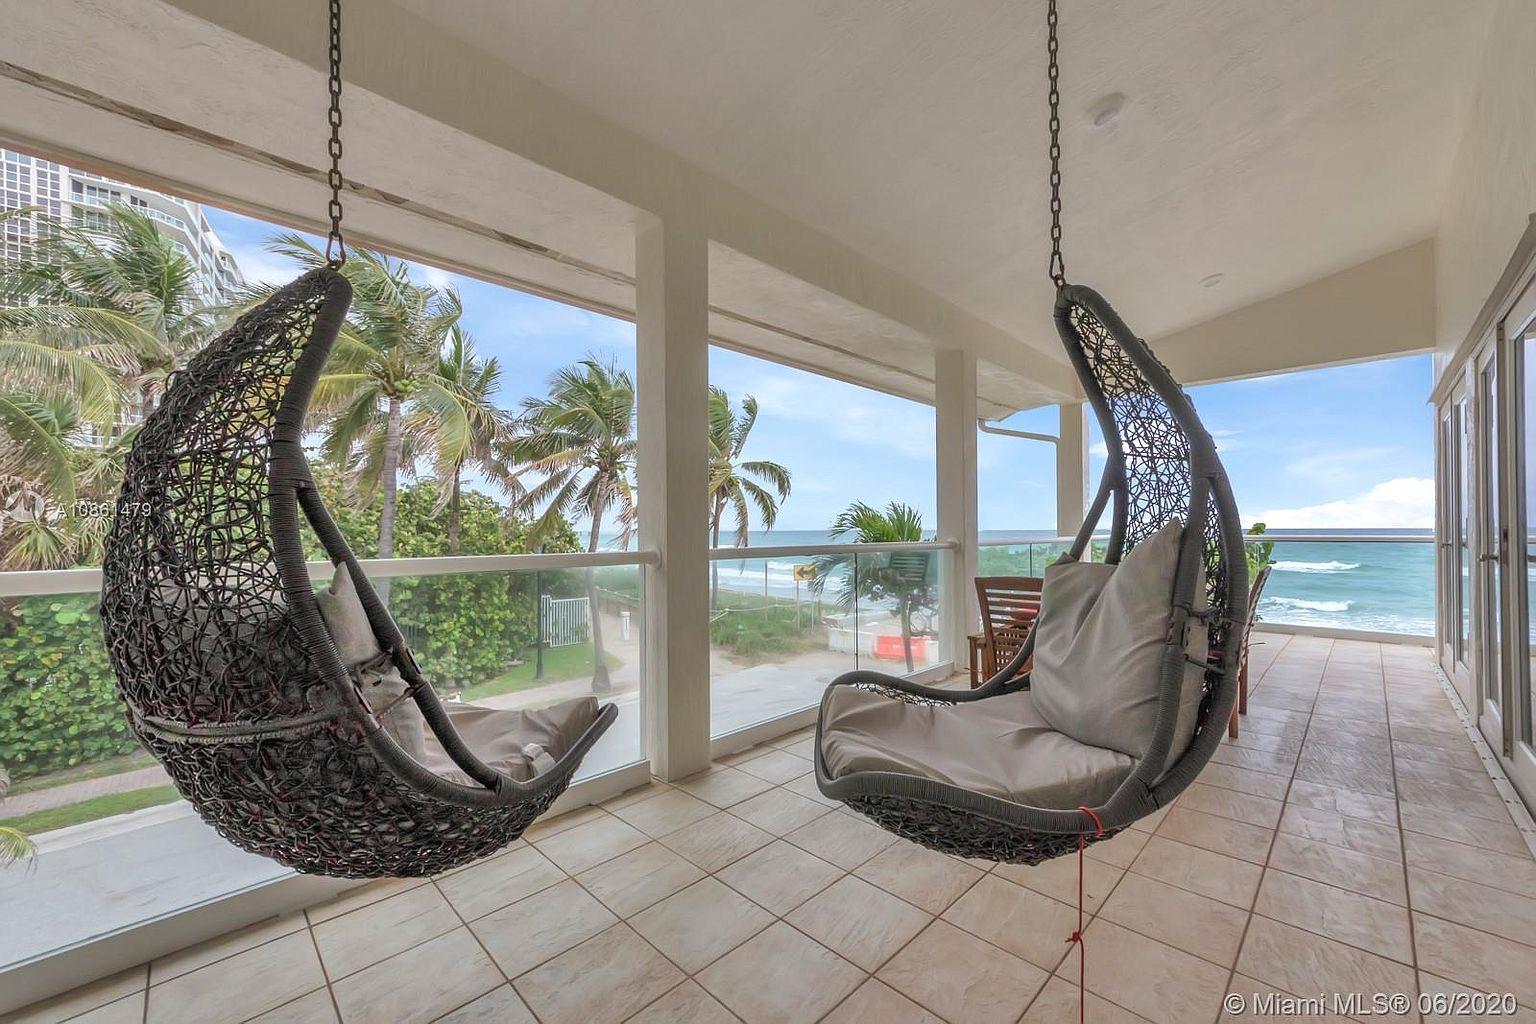 balcony chairs.jpeg